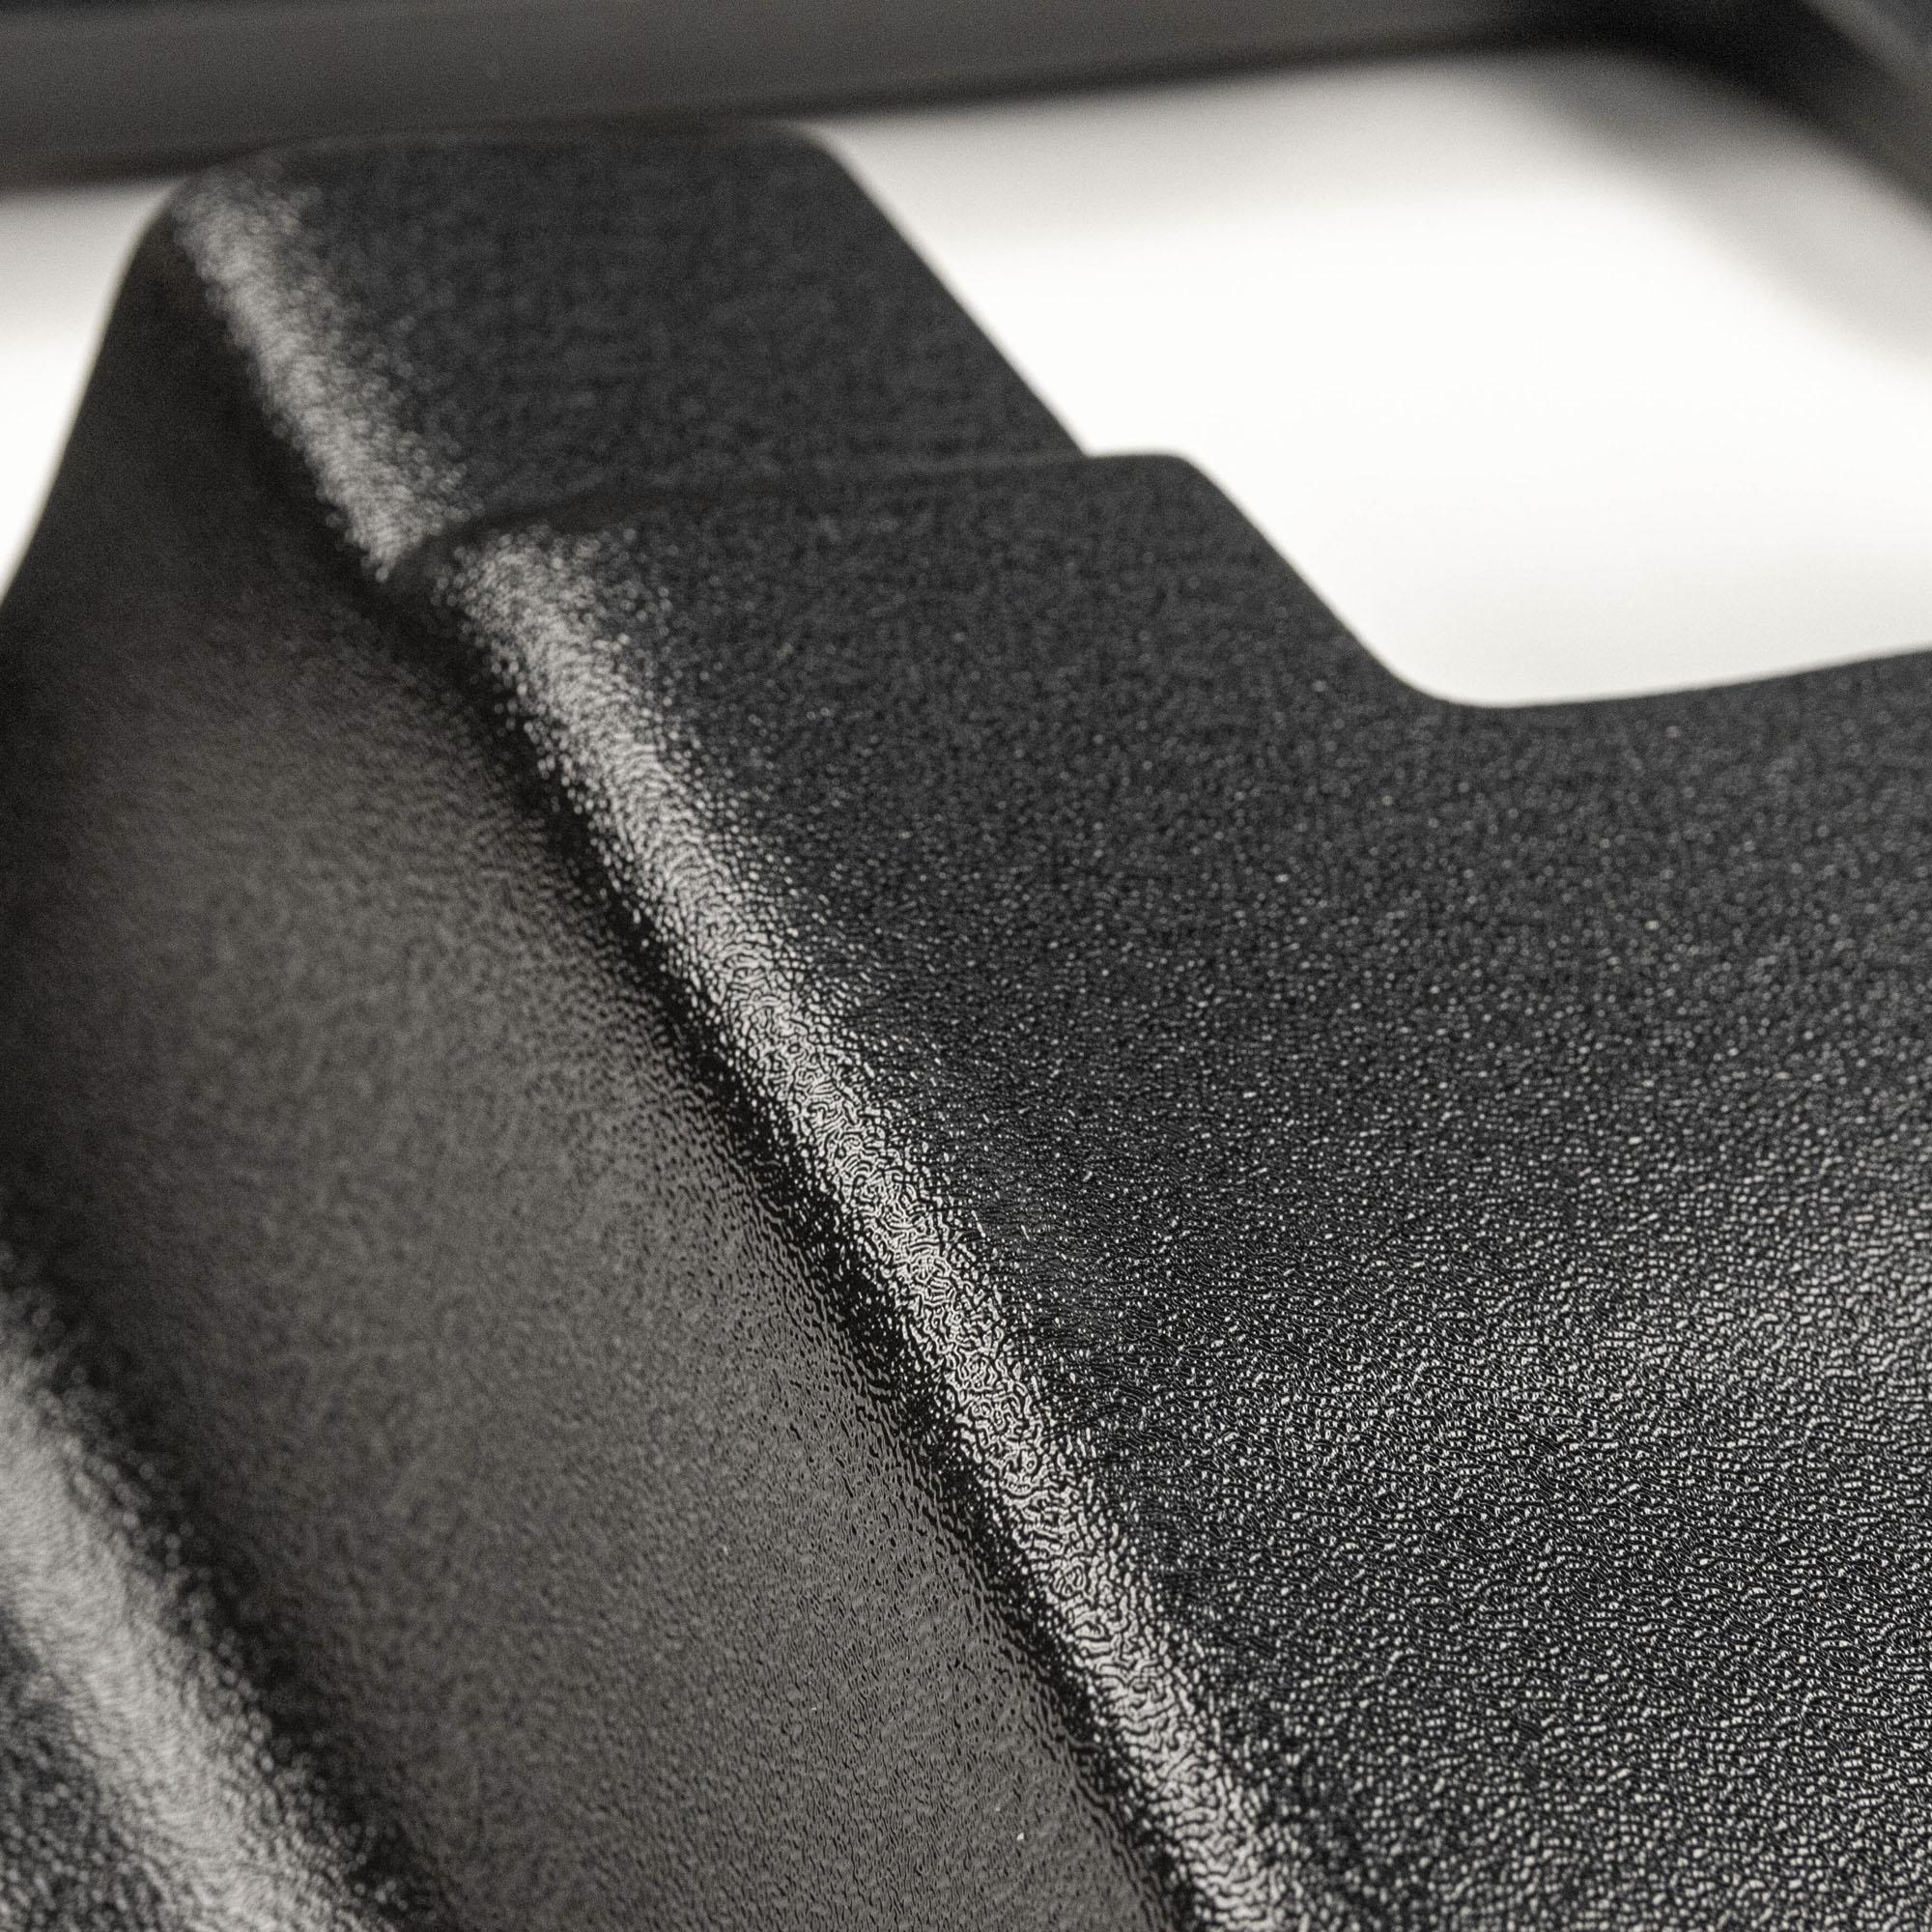 накладки на ковролин под сиденье дастер 2021 3